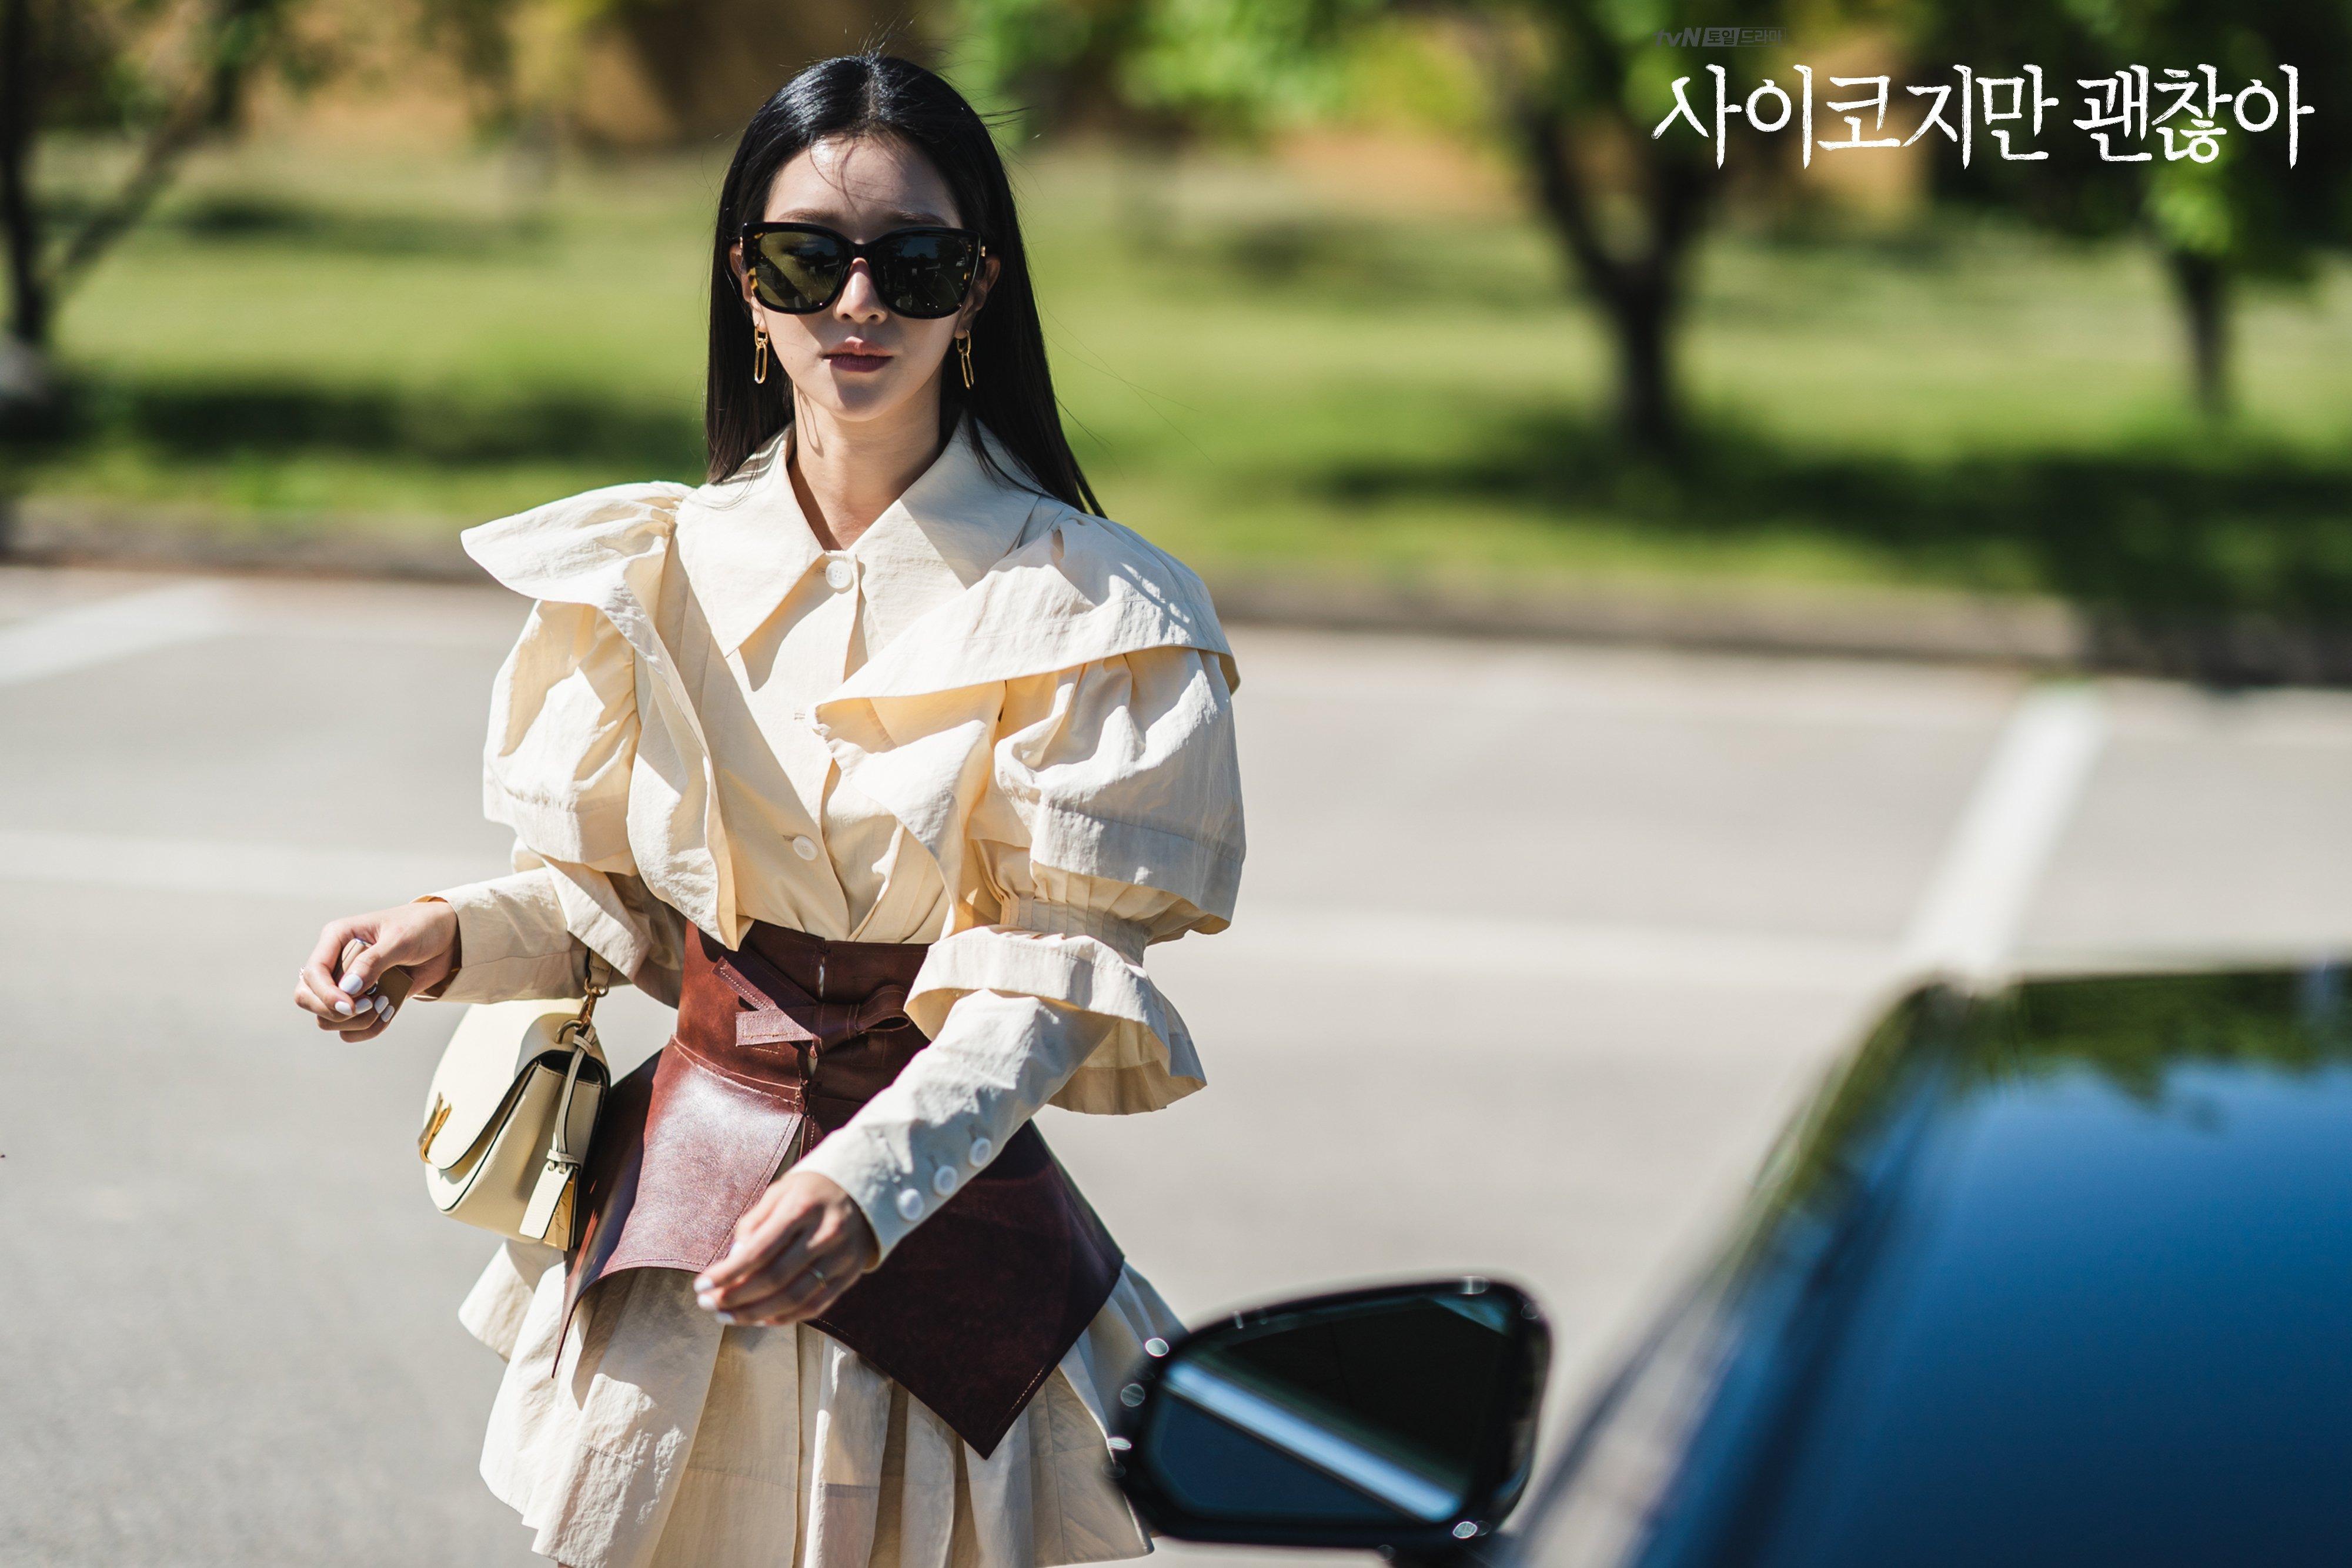 Seo Ye Ji mặc áo tay phồng, thắt lưng to bản trong phim it's okay to not be okay